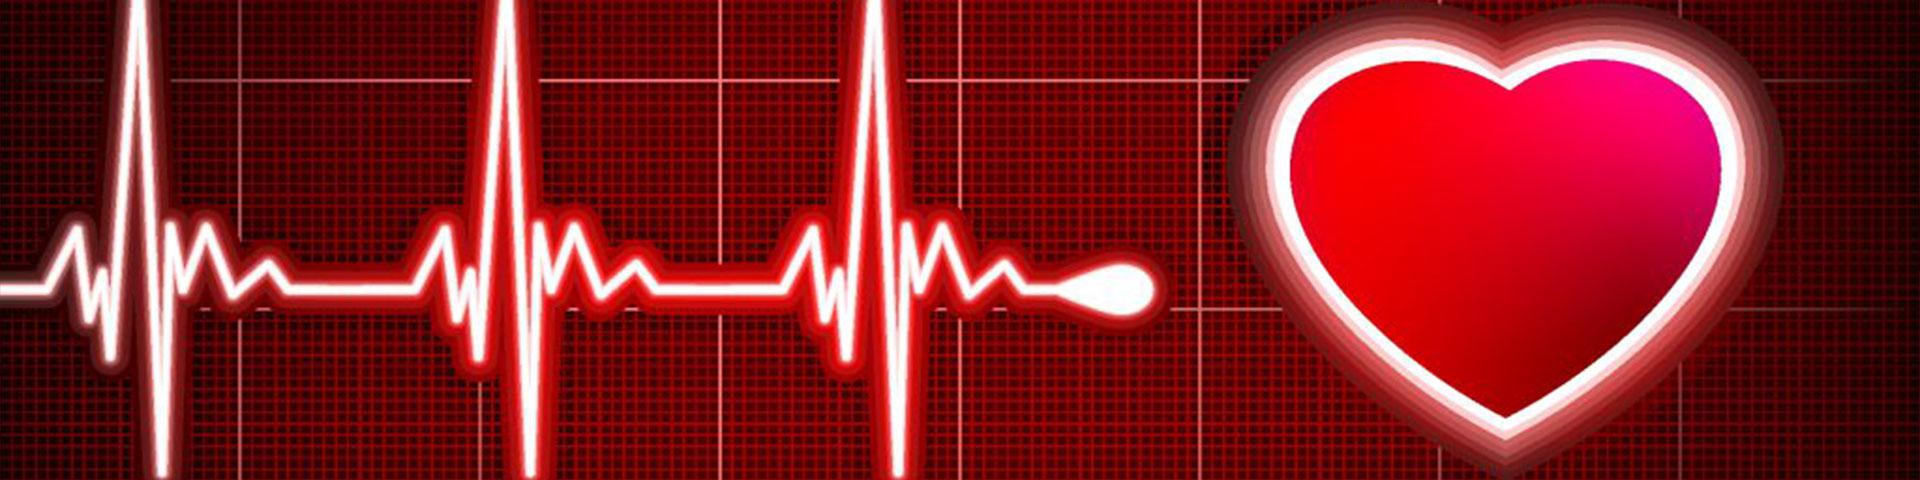 Grafik vom Herzschlag